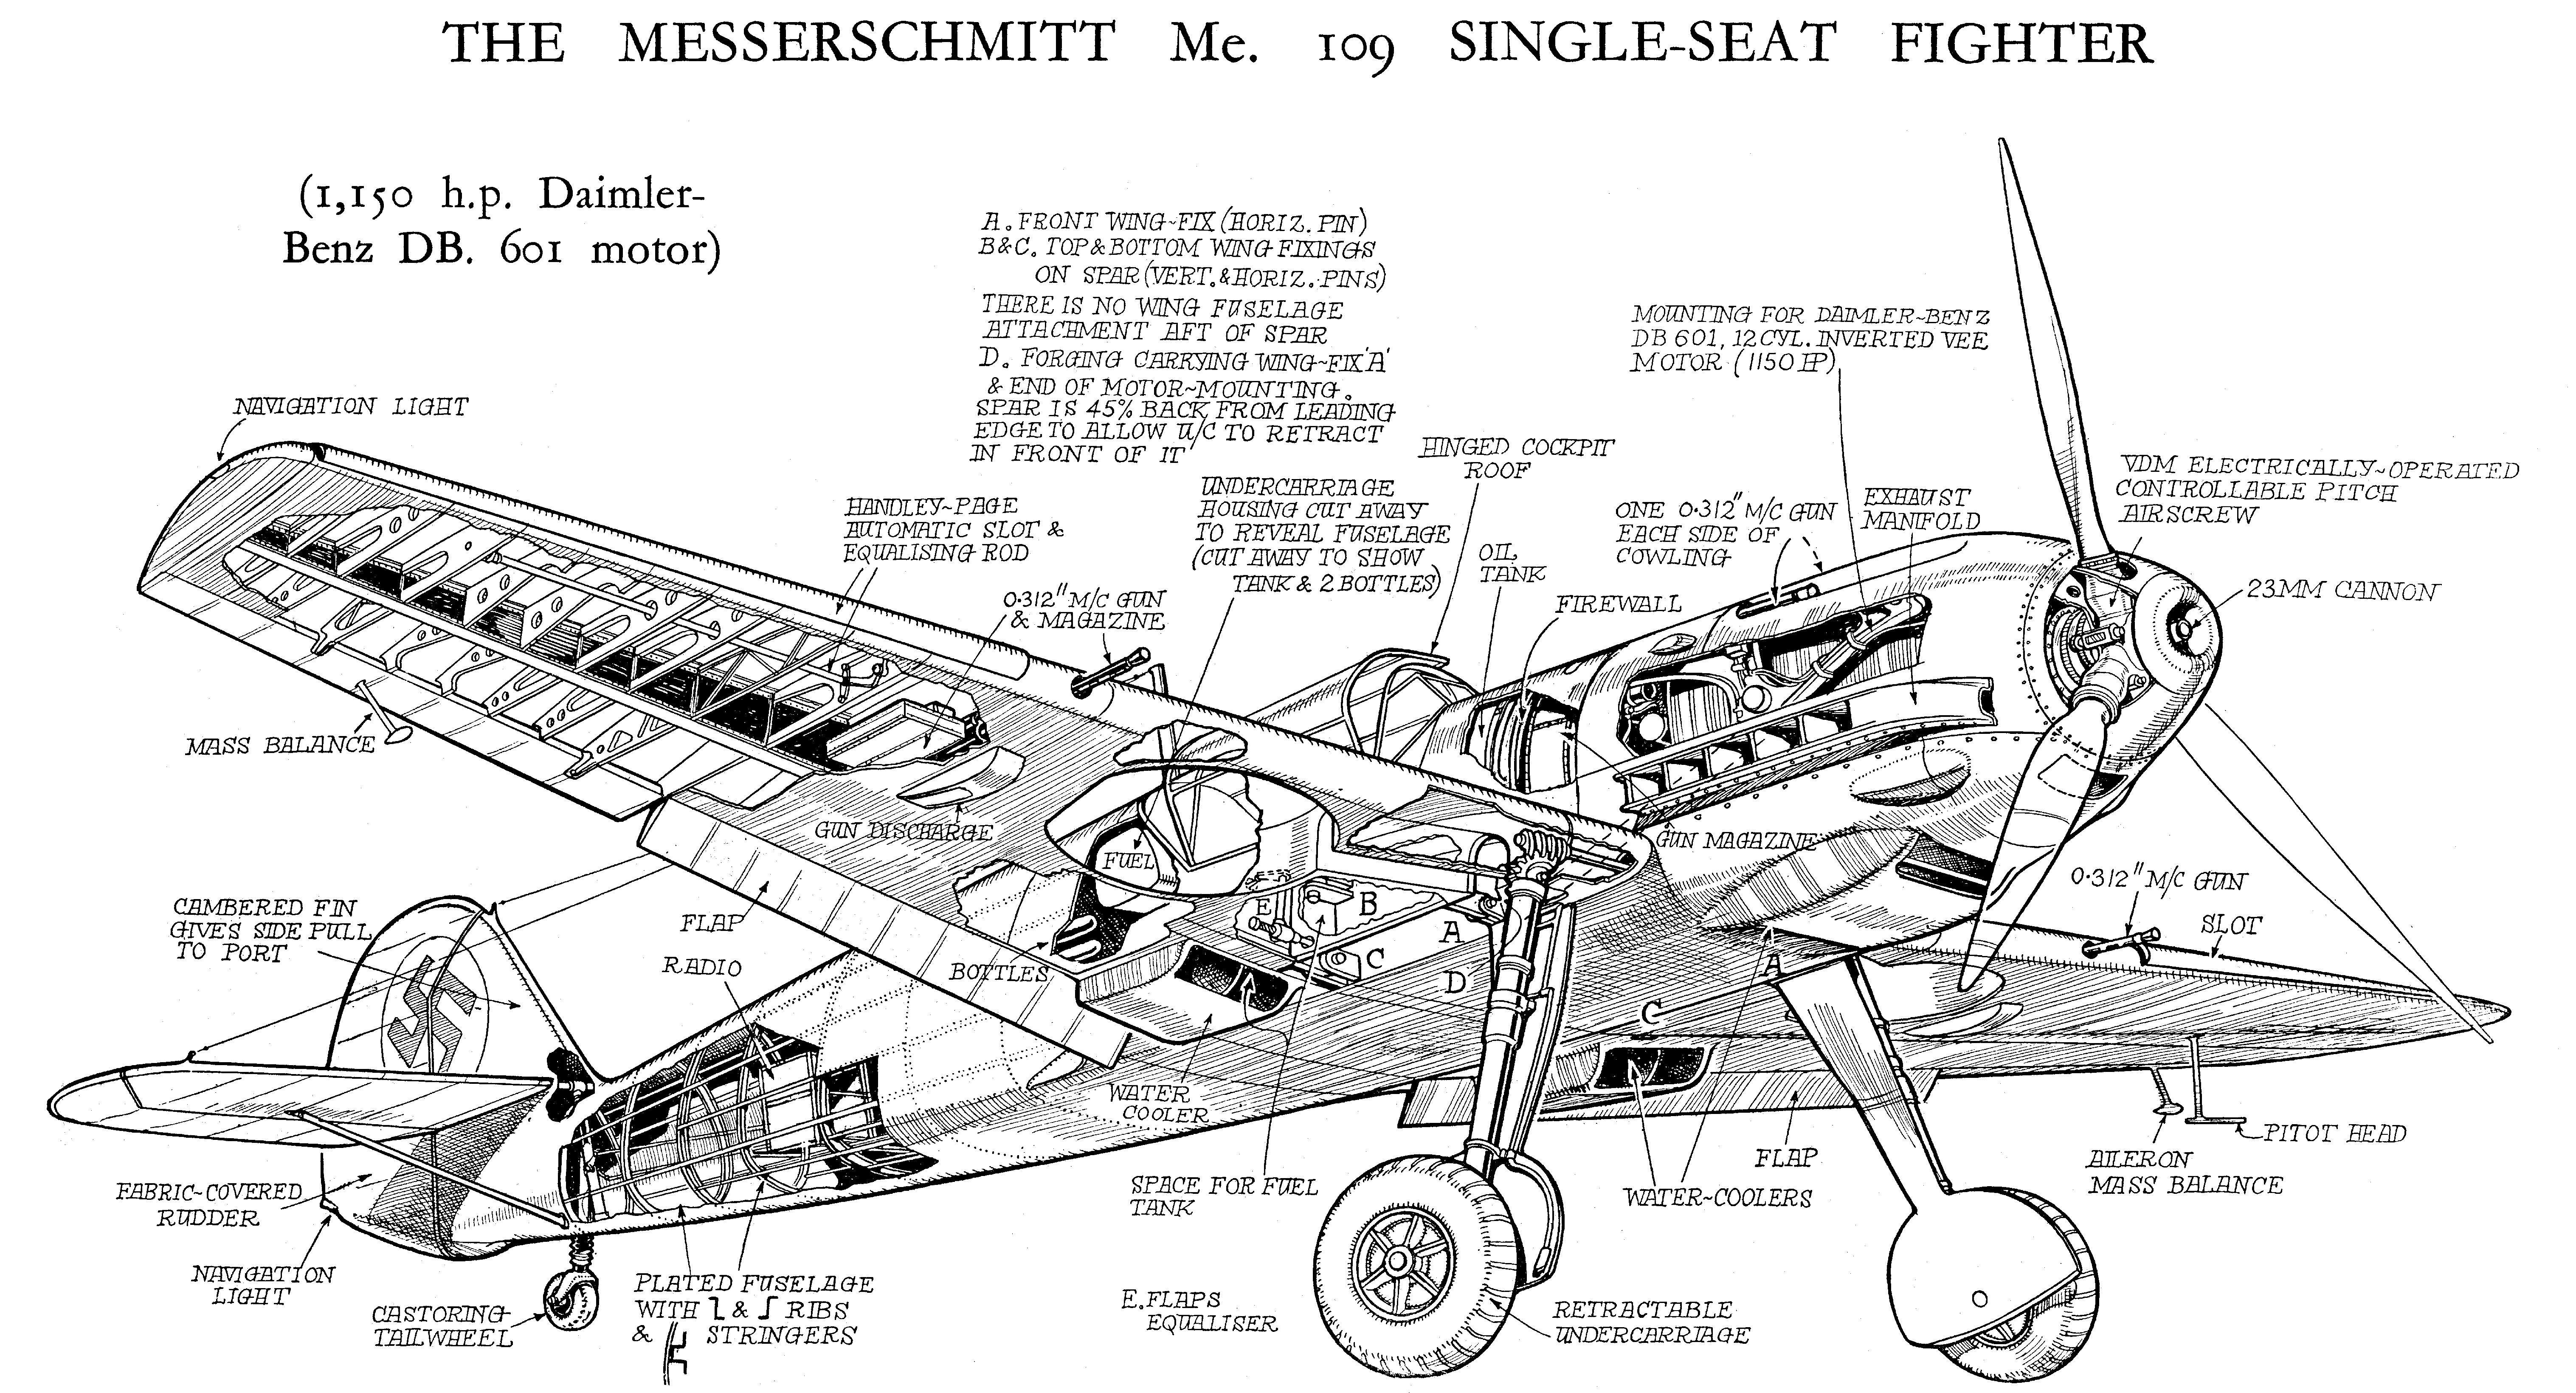 Pin By Jared Chang On Aircraft History